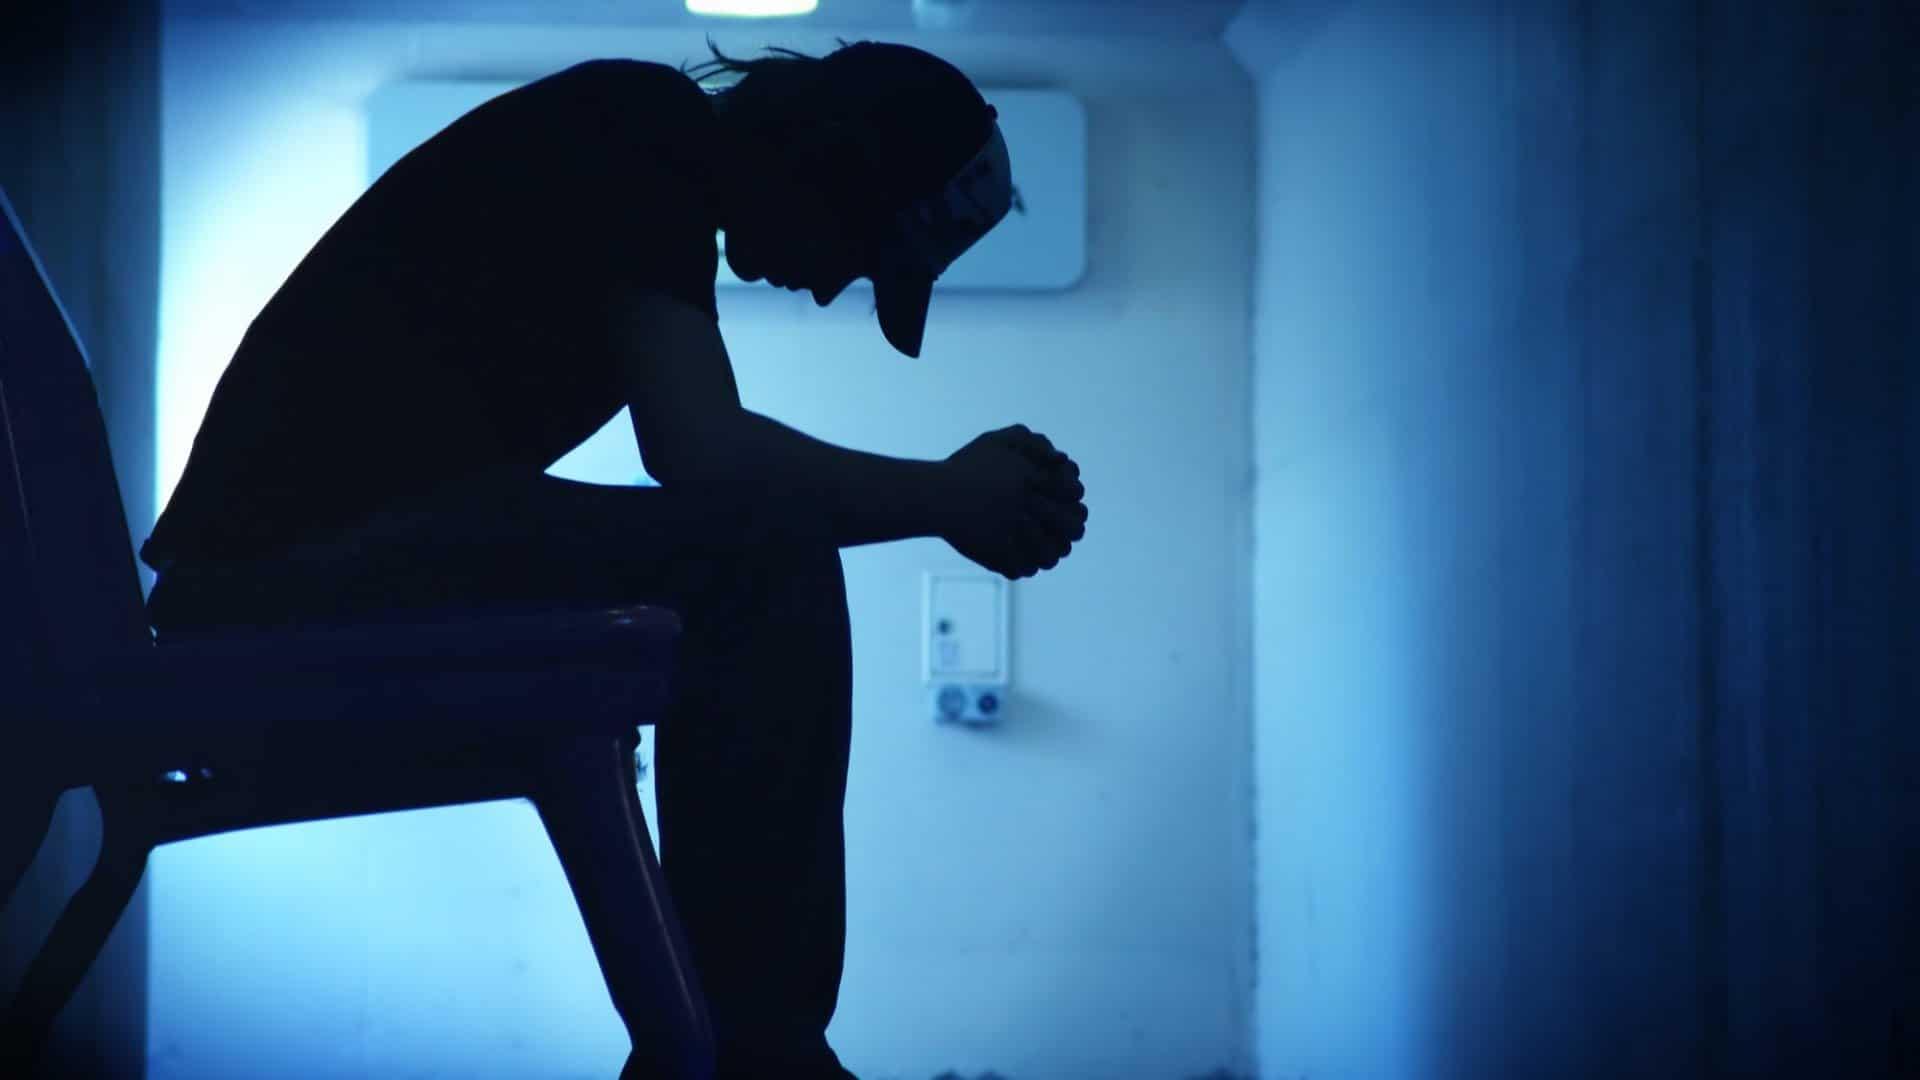 Nel solo mese di ottobre in Giappone 2.153 suicidi.<br> Isolamento forzato e chiusure producono danni economici e psicologici sottovalutati dai governi